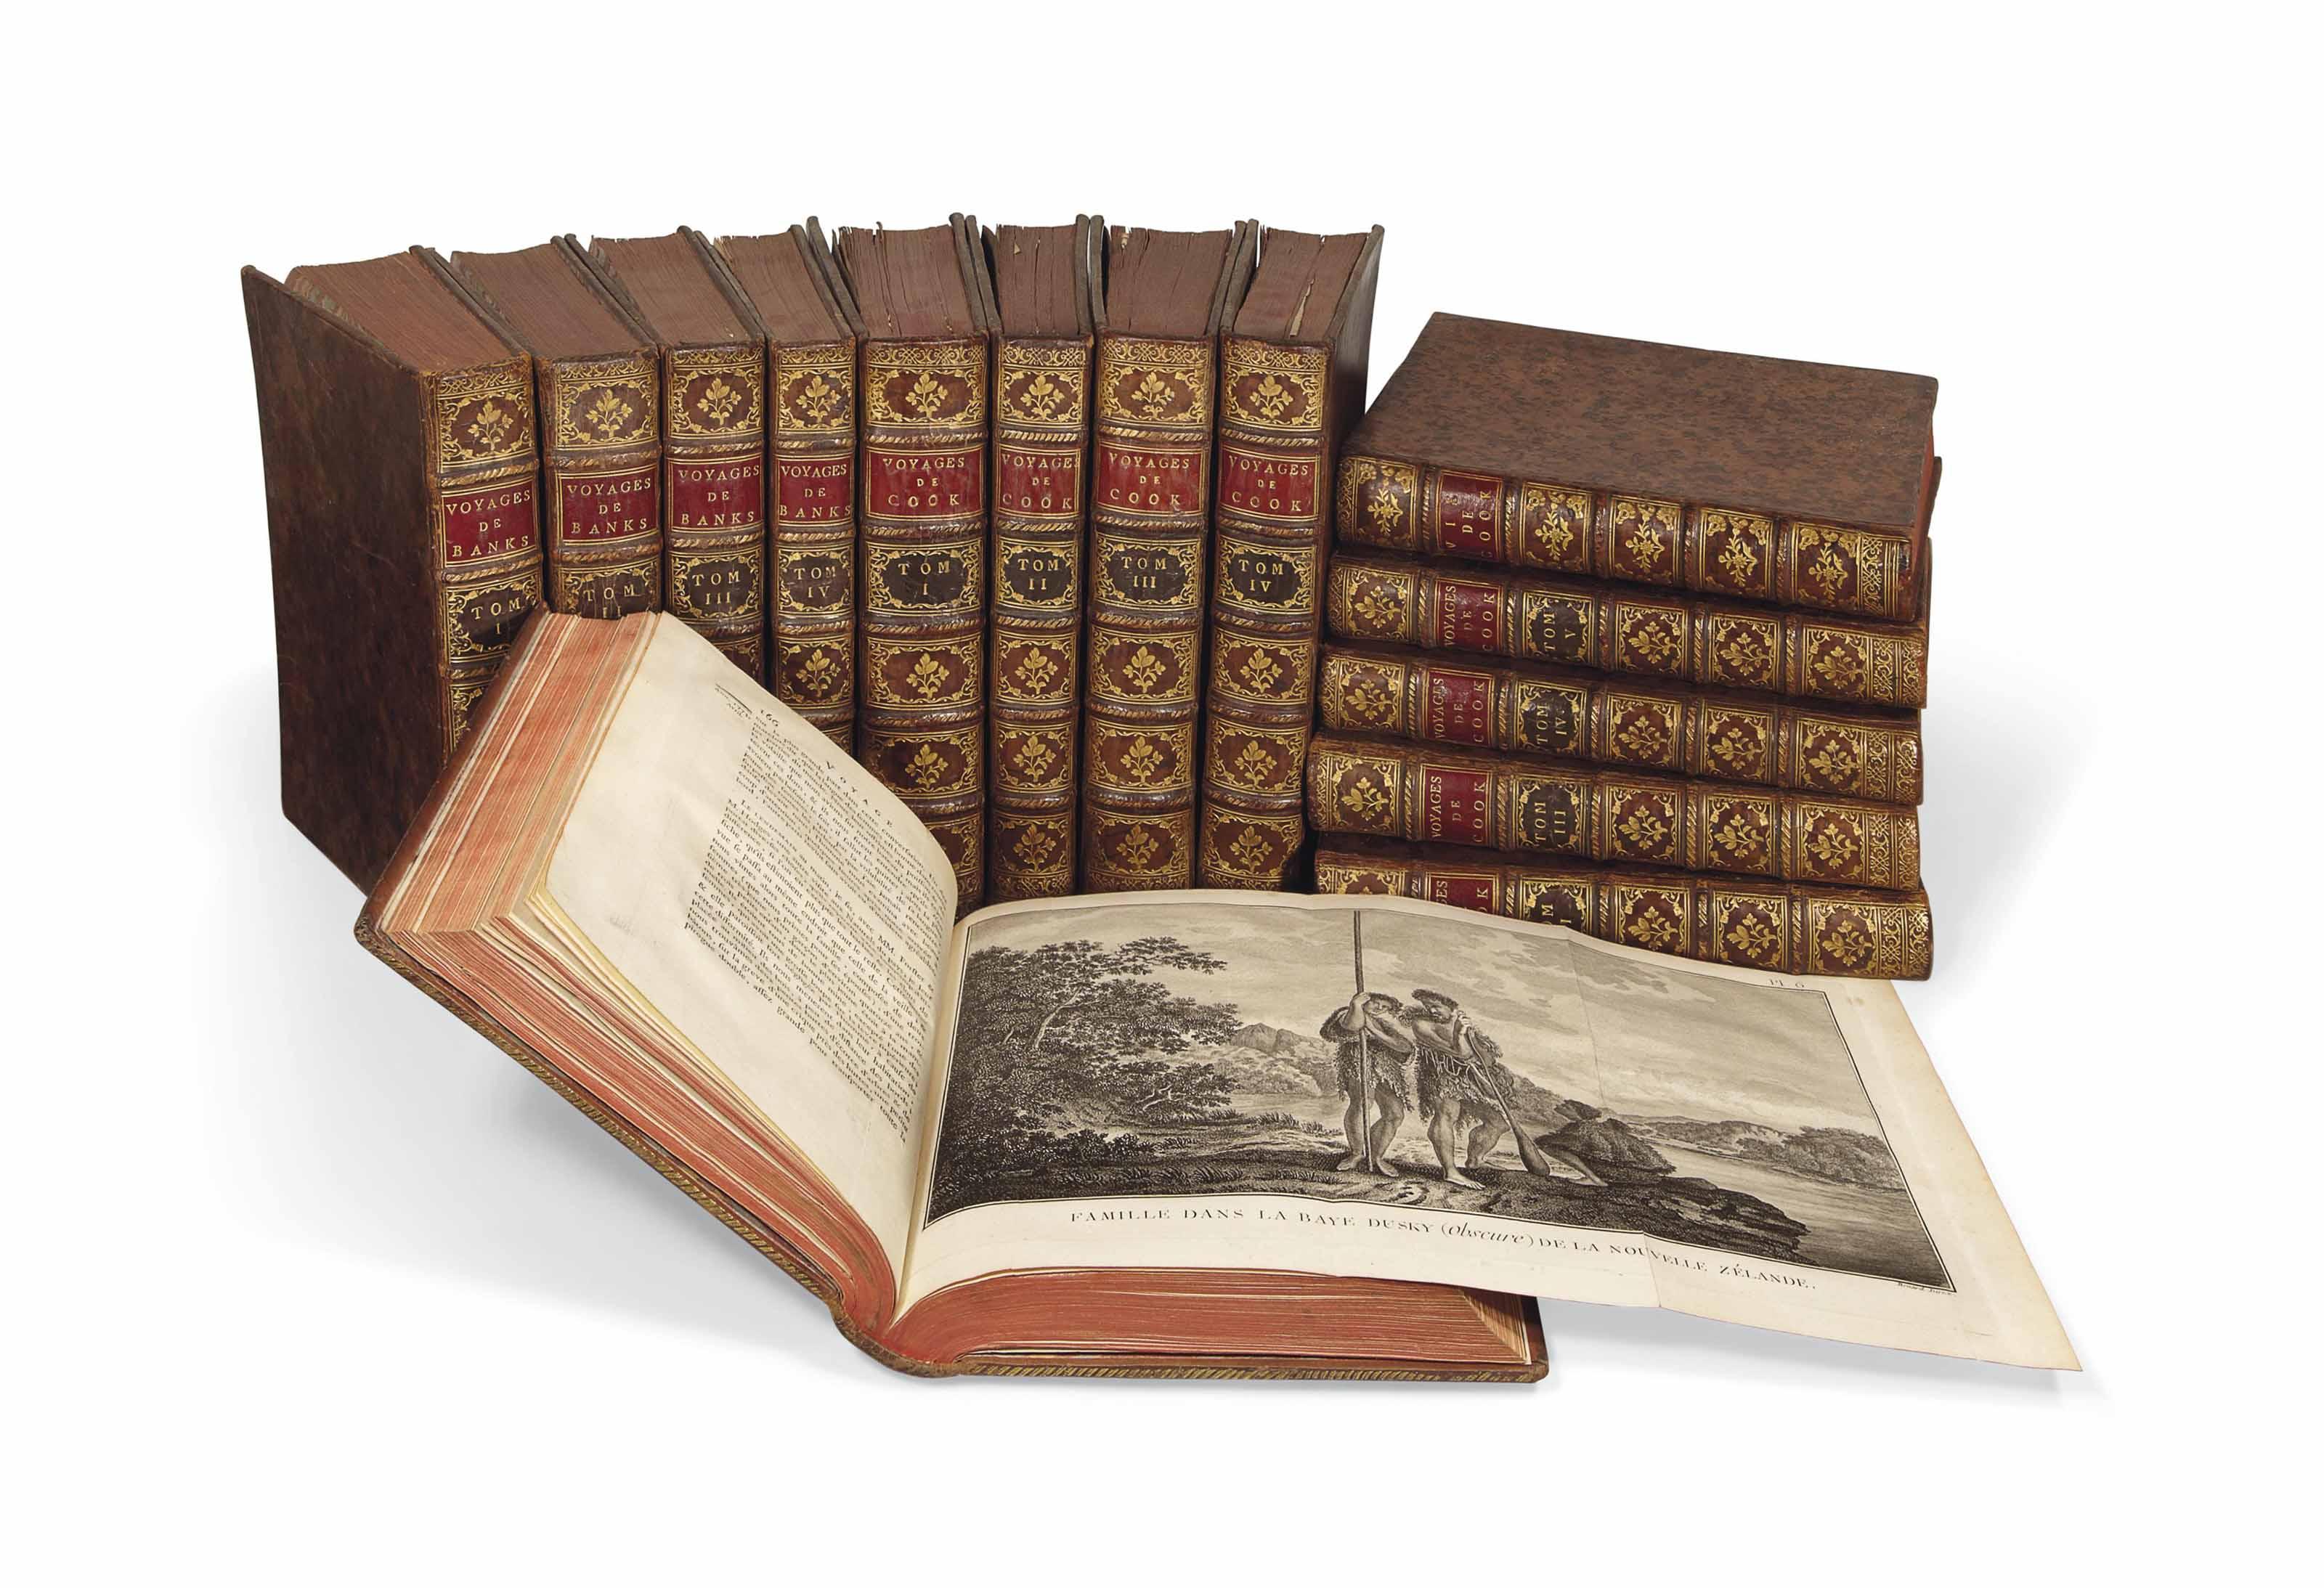 COOK, James (1728-1779). Relation des voyages entrepris pour faire des découvertes dans l'hémisphère méridional. -- Voyage dans l'hémisphère austral et autour du monde, fait en 1772-1775. -- Troisième voyage de Cook, ou voyage à l'océan Pacifique exécuté en 1777-1780. Paris: Saillant & Nyon, Panckoucke, 1774-1785.